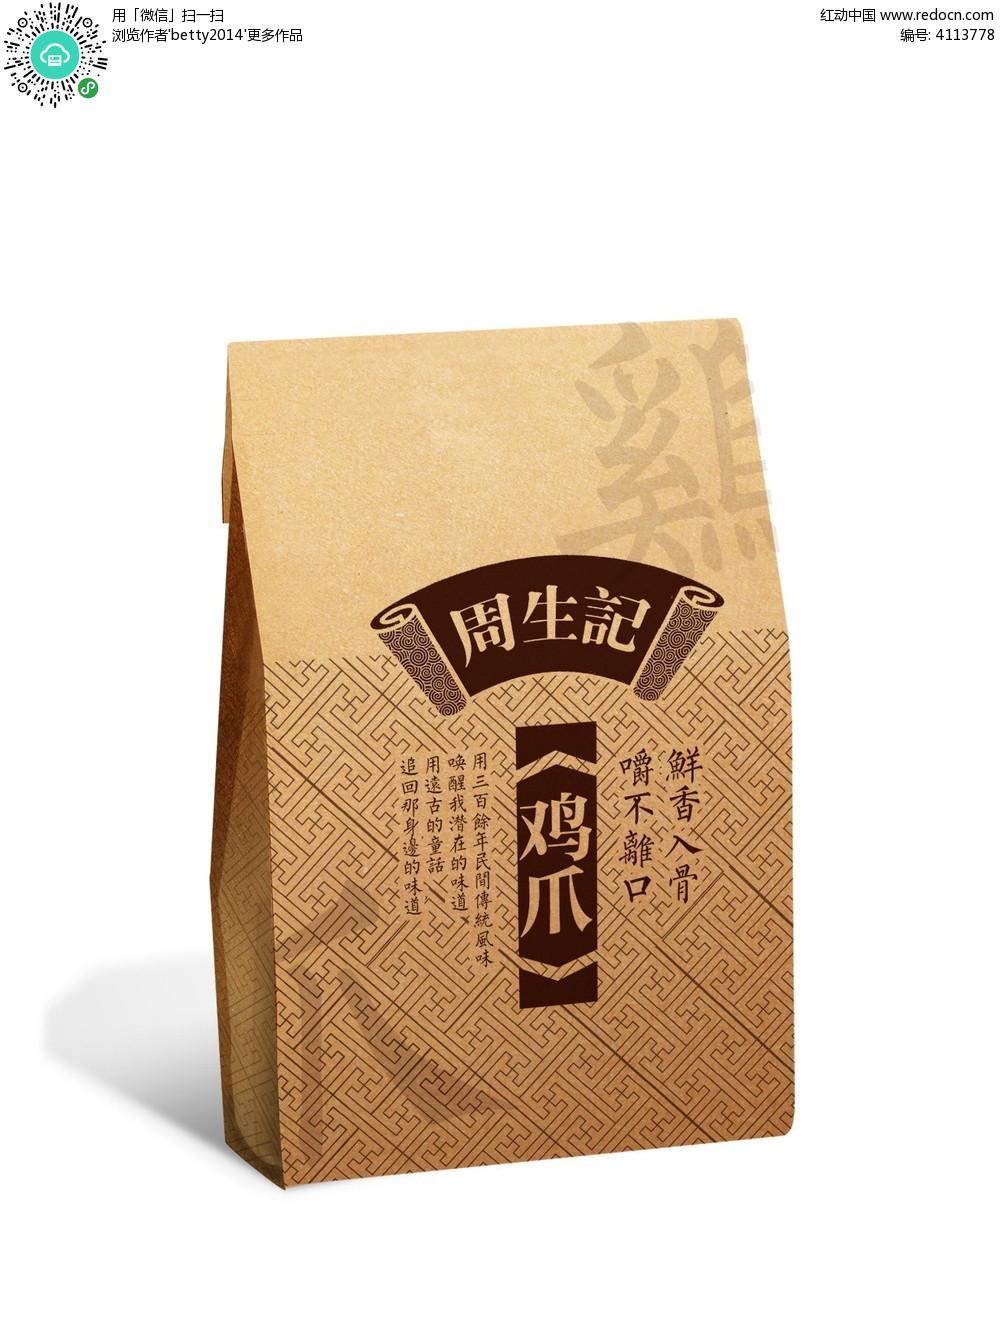 【卫生纸通用包装袋】_卫生纸通用包装袋品牌/图片/... _阿里巴巴